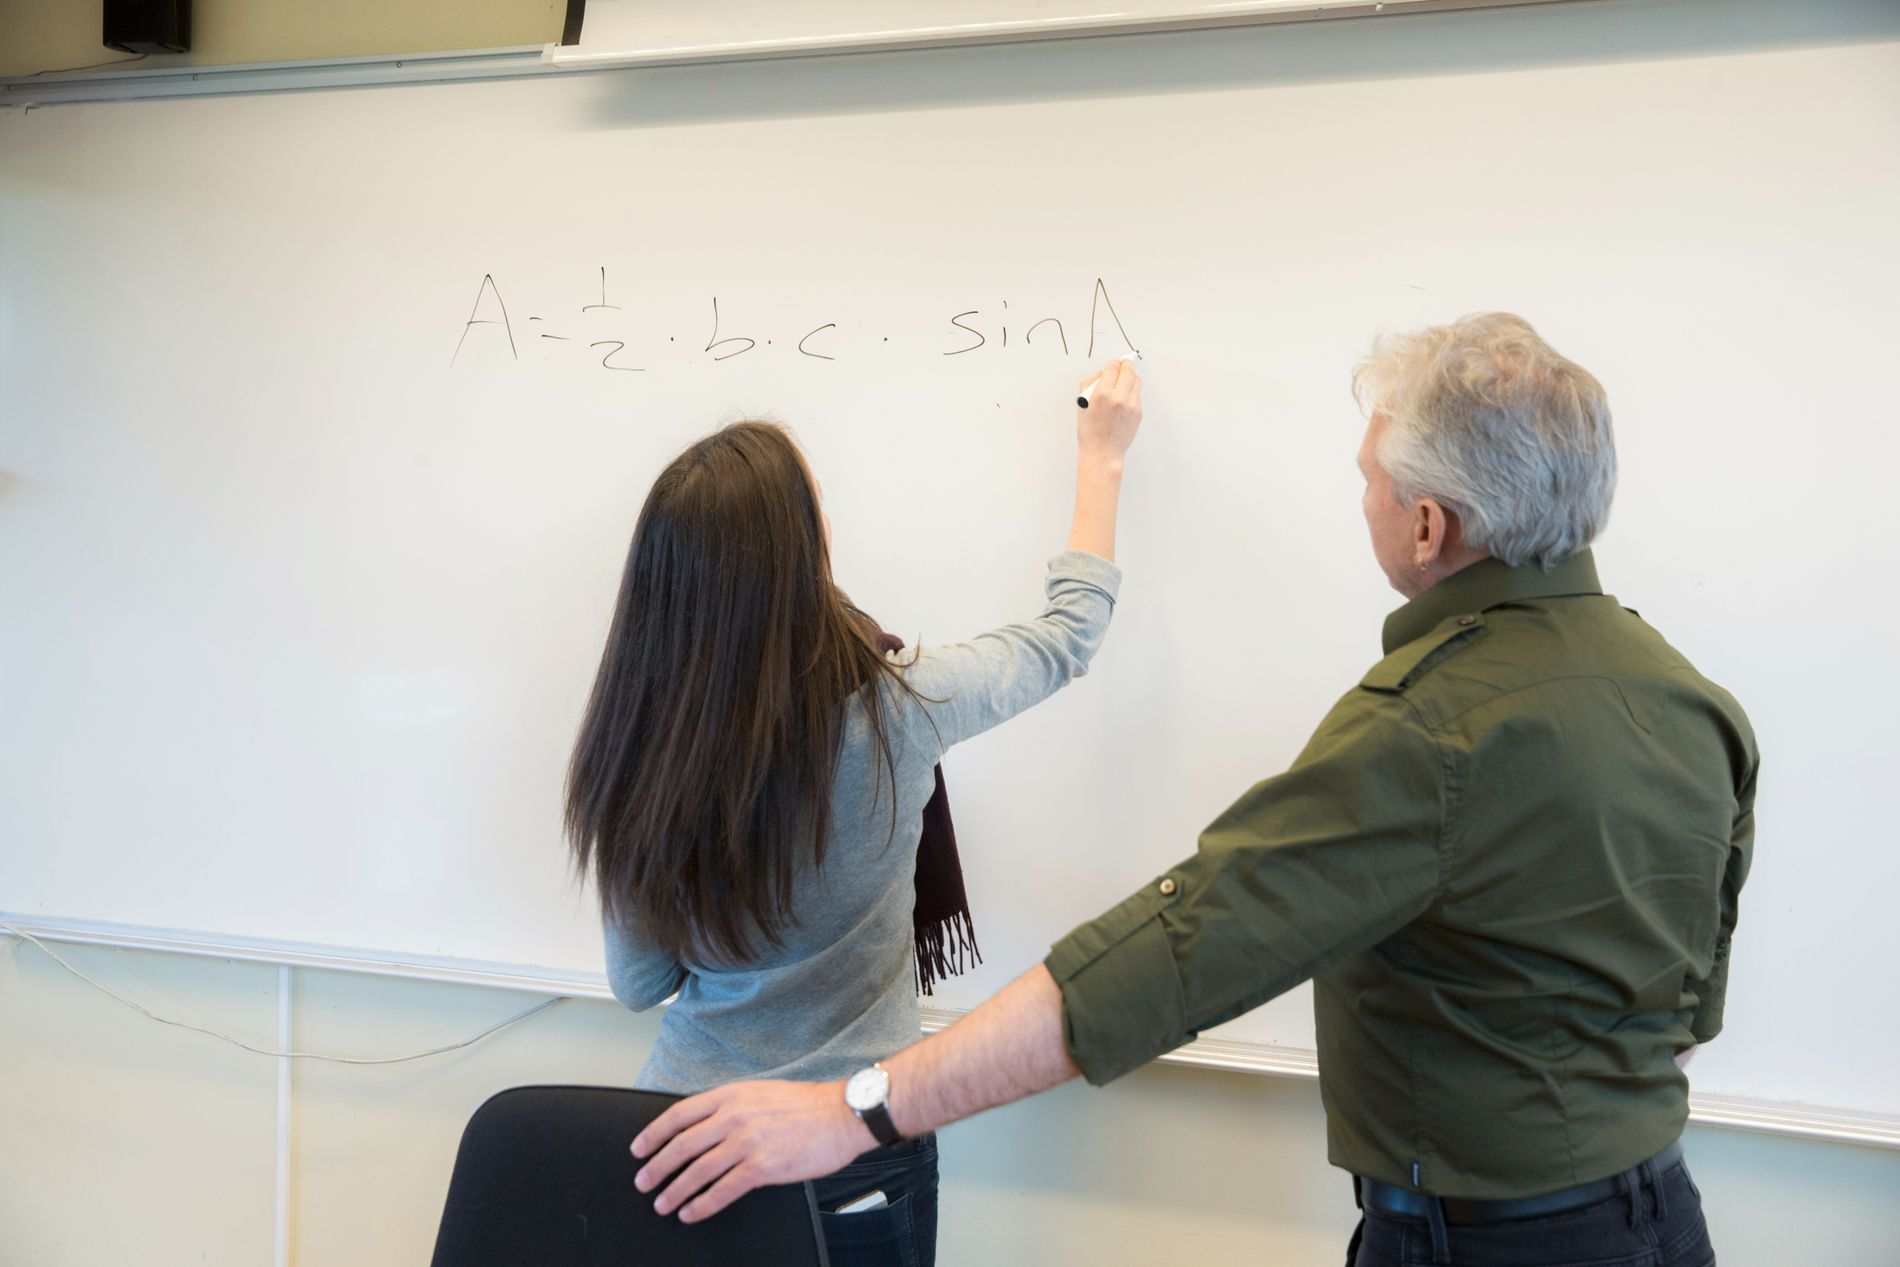 DISIPLIN: Jeg tror mange lærere sliter med disiplin, og fraværsgrensen har kanskje en symboleffekt en ikke skal kimse av, skriver Jan Ubøe.